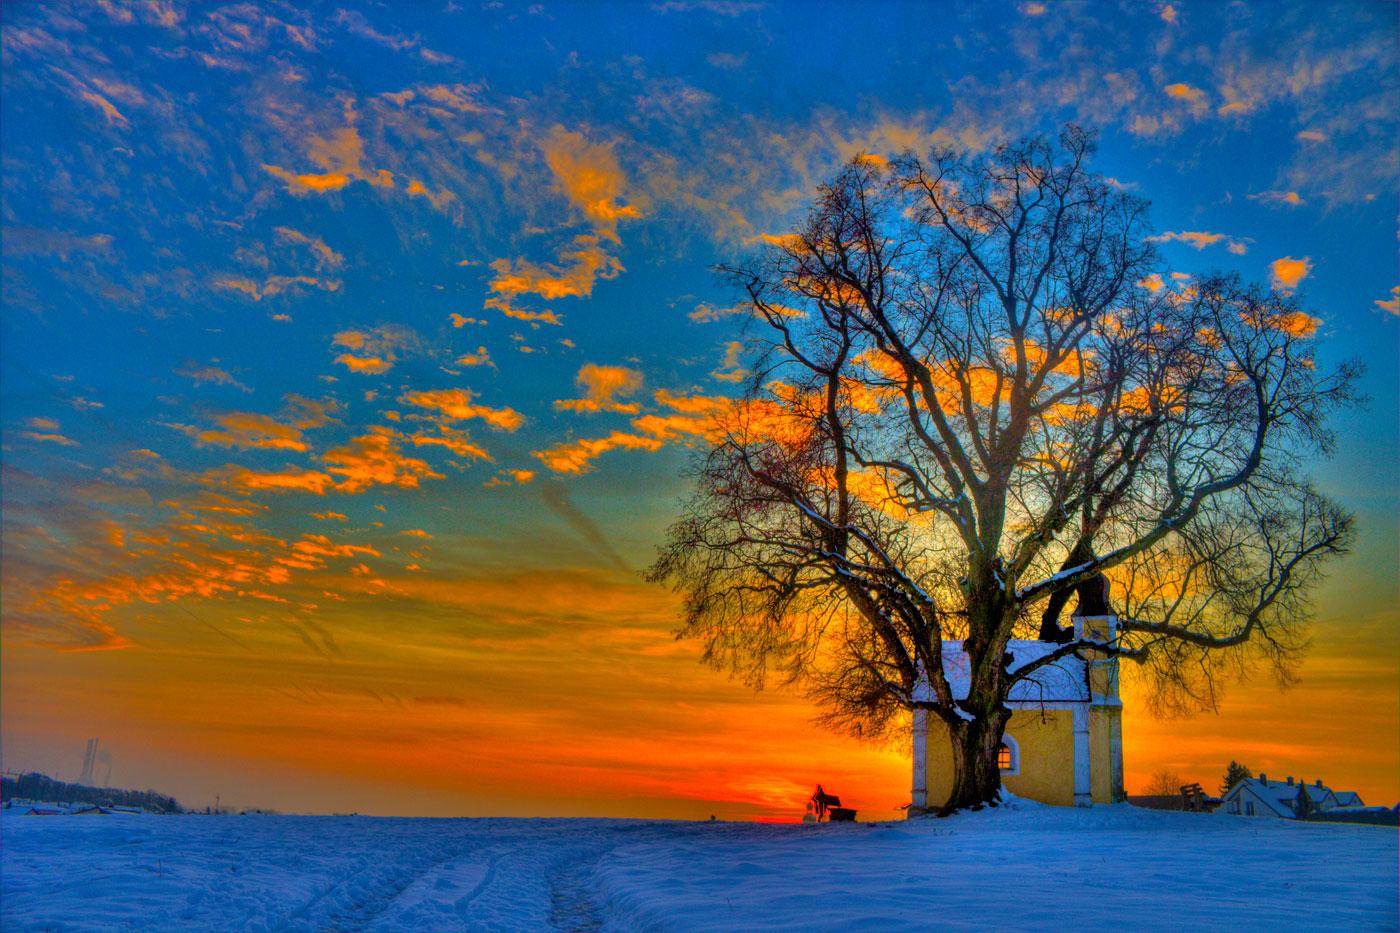 Дървото беше мост към вечноста; мост, по който да премина във всеки момент, в който съм се загубил - за да вляза във връзка със силата на корена - и на неизкоренимия, неукротимия, неуморимия стремеж към висините. Да намеря пътя обратно към енергийното пространство, където принадлежим като човешки същества - в непостоянното равновесие и непрестанното движение на границата между земята и небето.